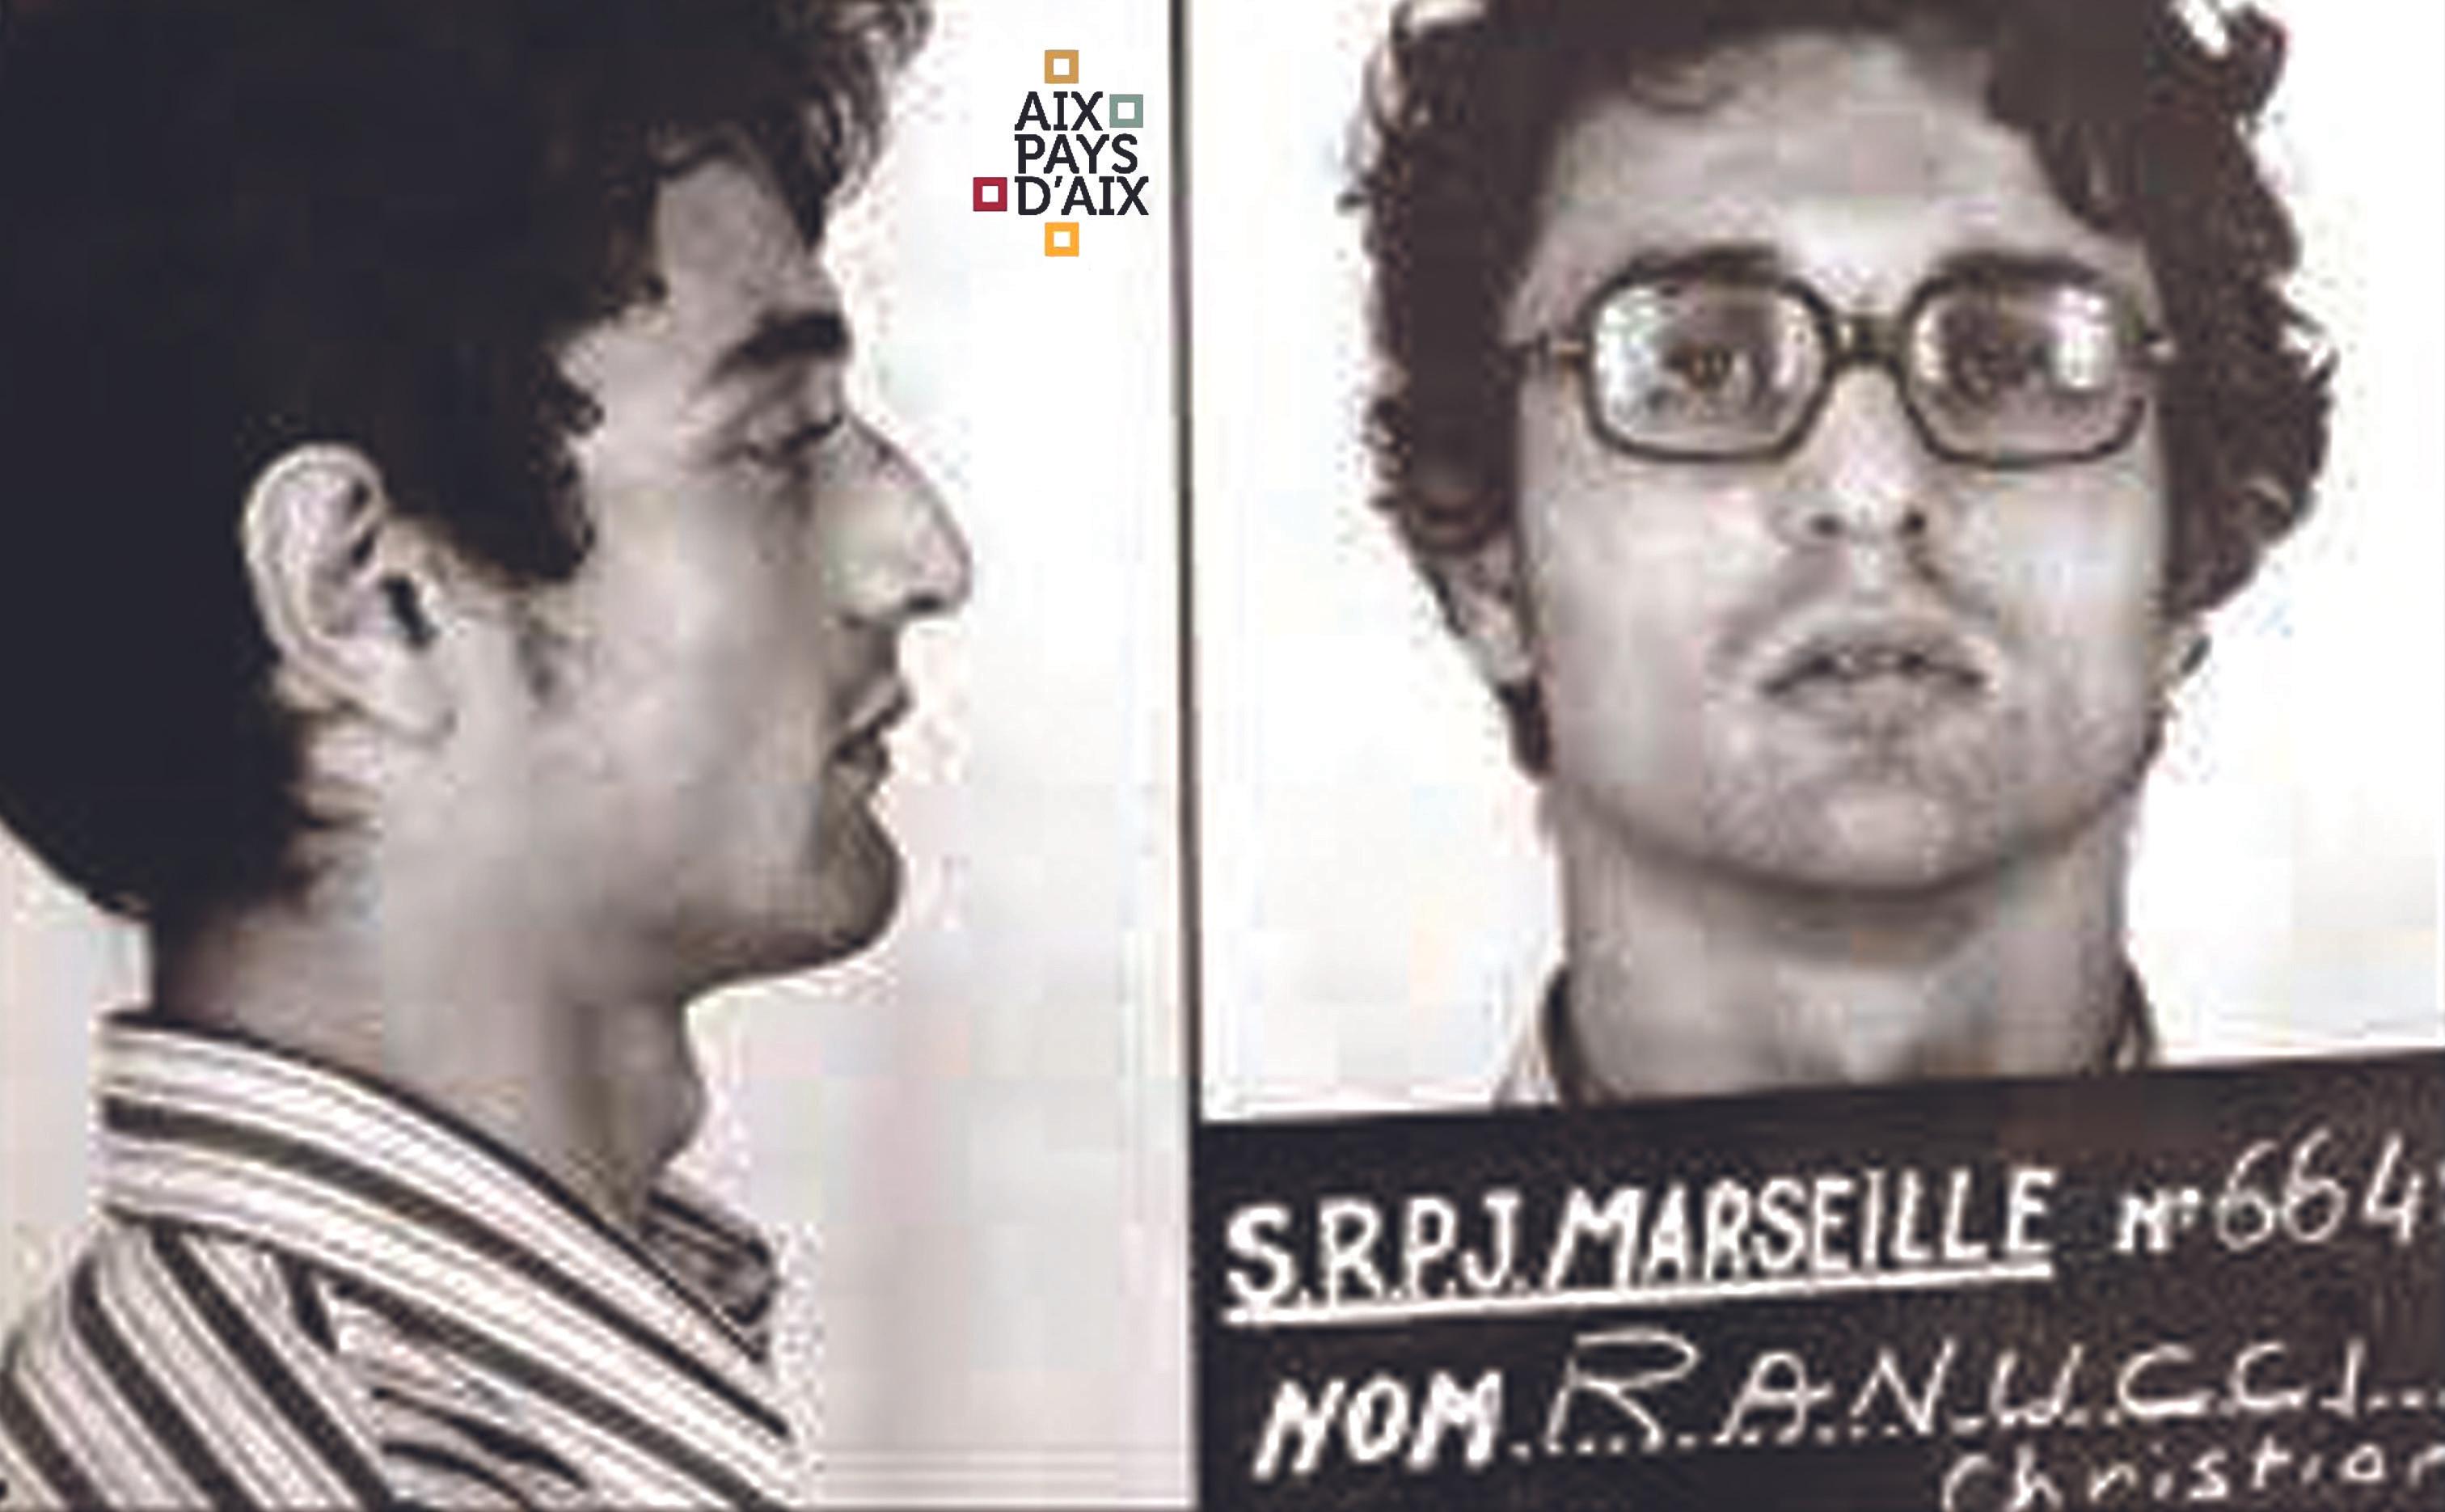 Petits meurtres à Aix...